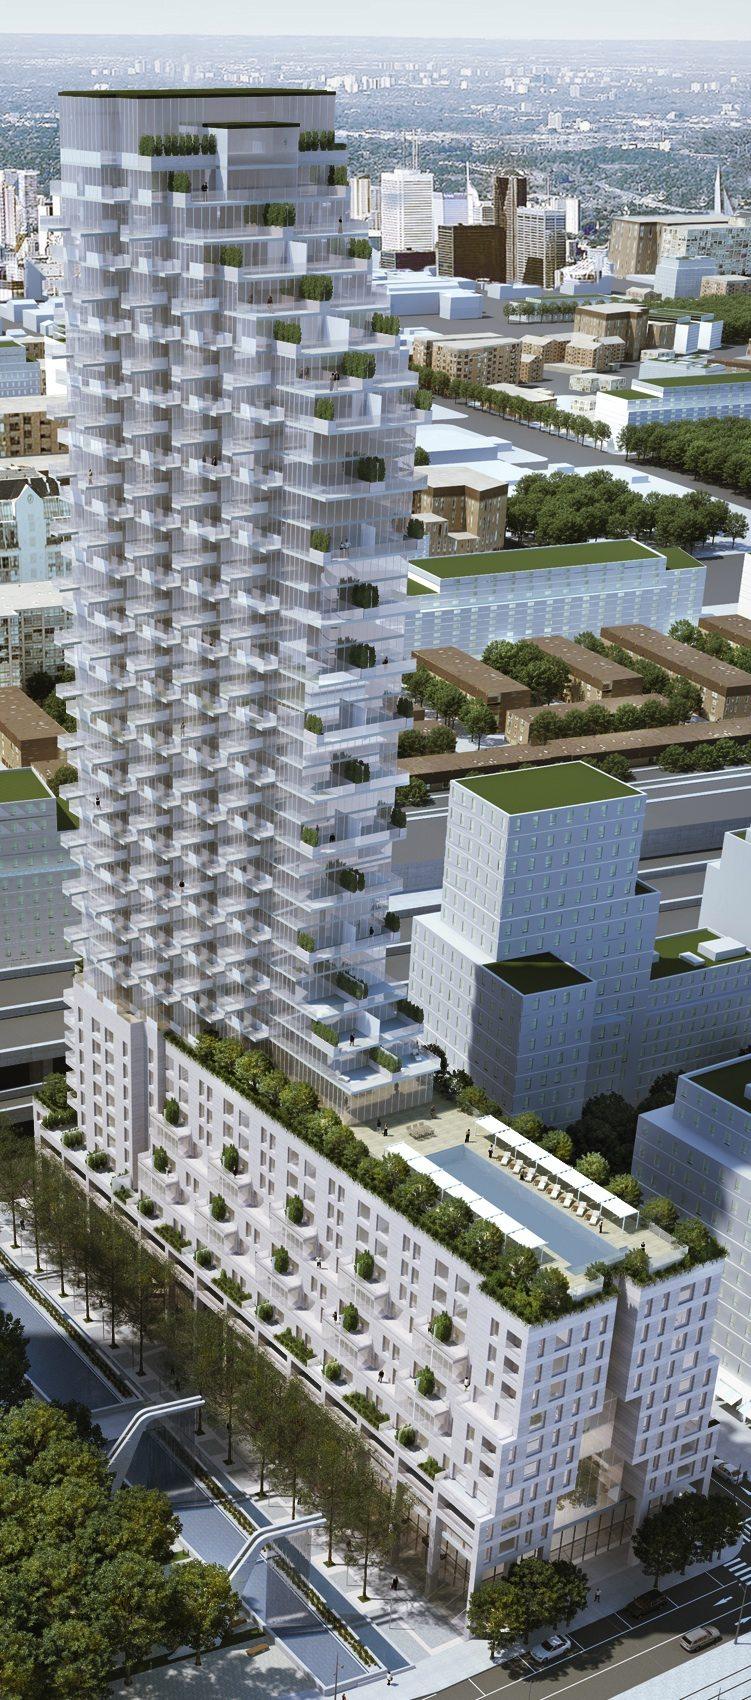 Monde Condos Aerial View Toronto, Canada